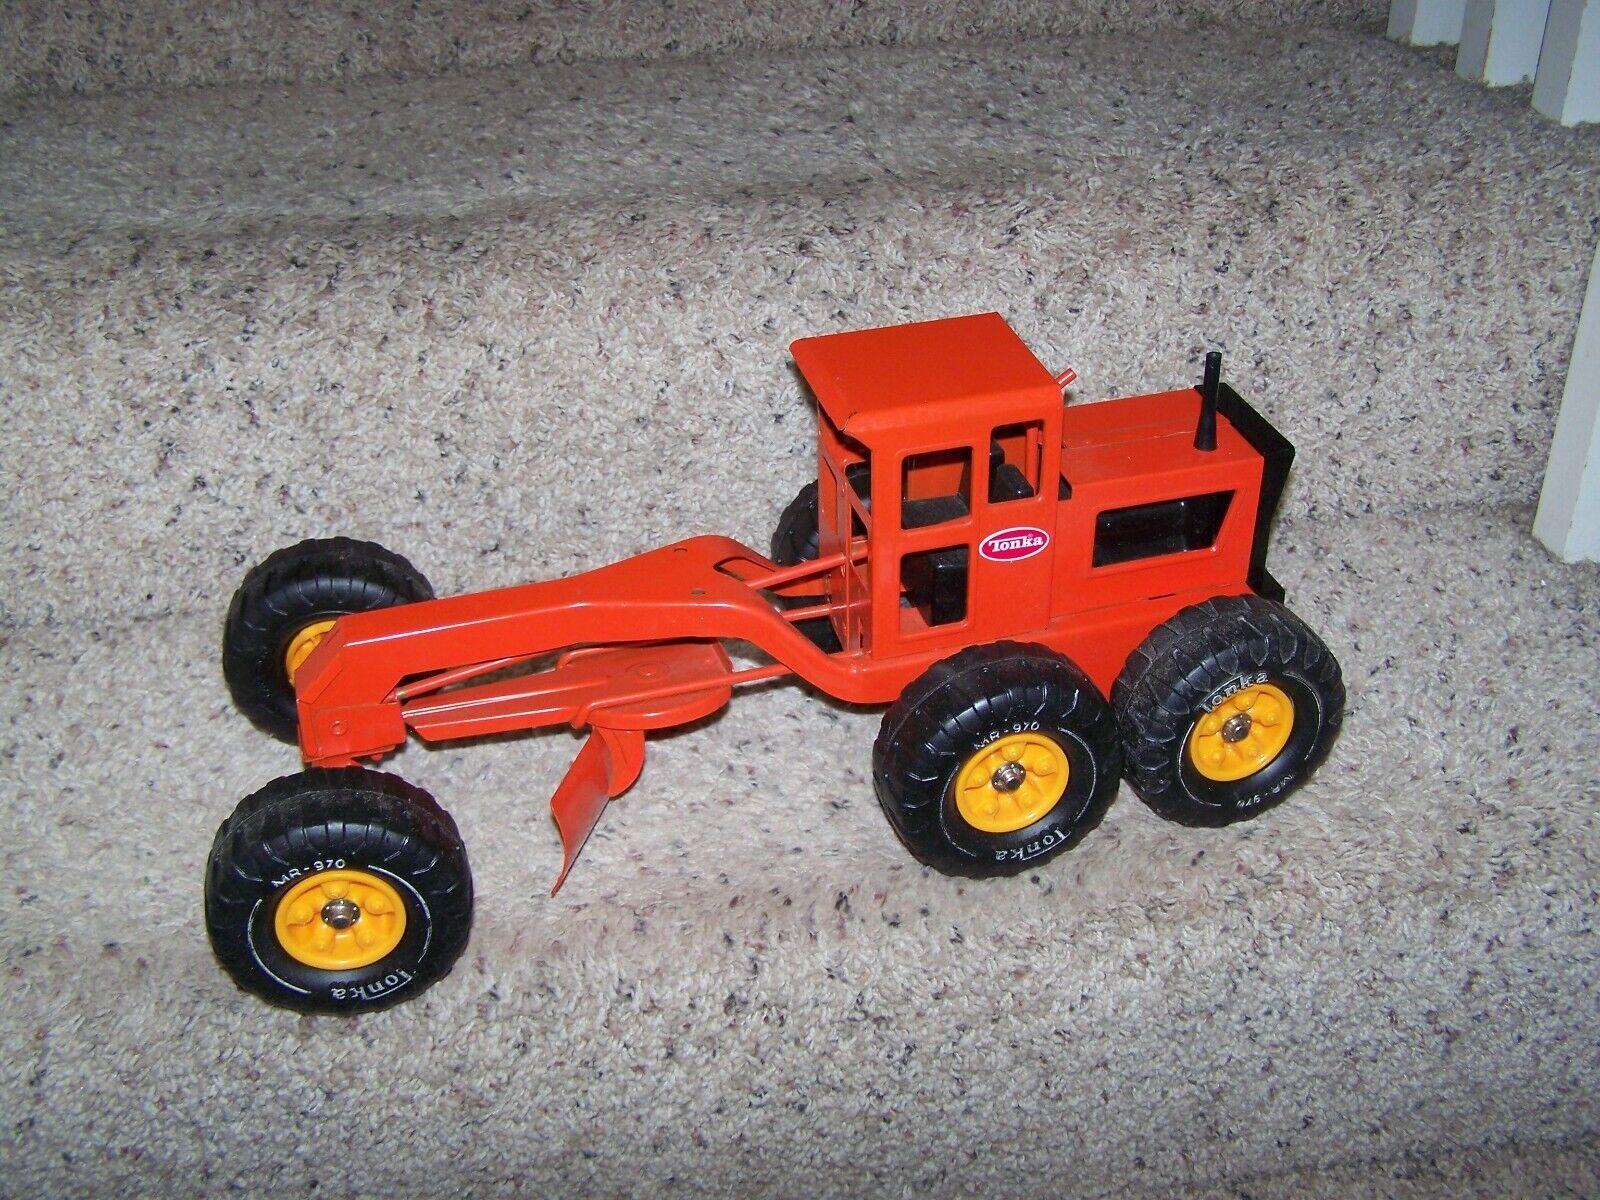 Vintage Tonka Road Grader MR-970 Orange Pressed Metal  1976-1977 near mint